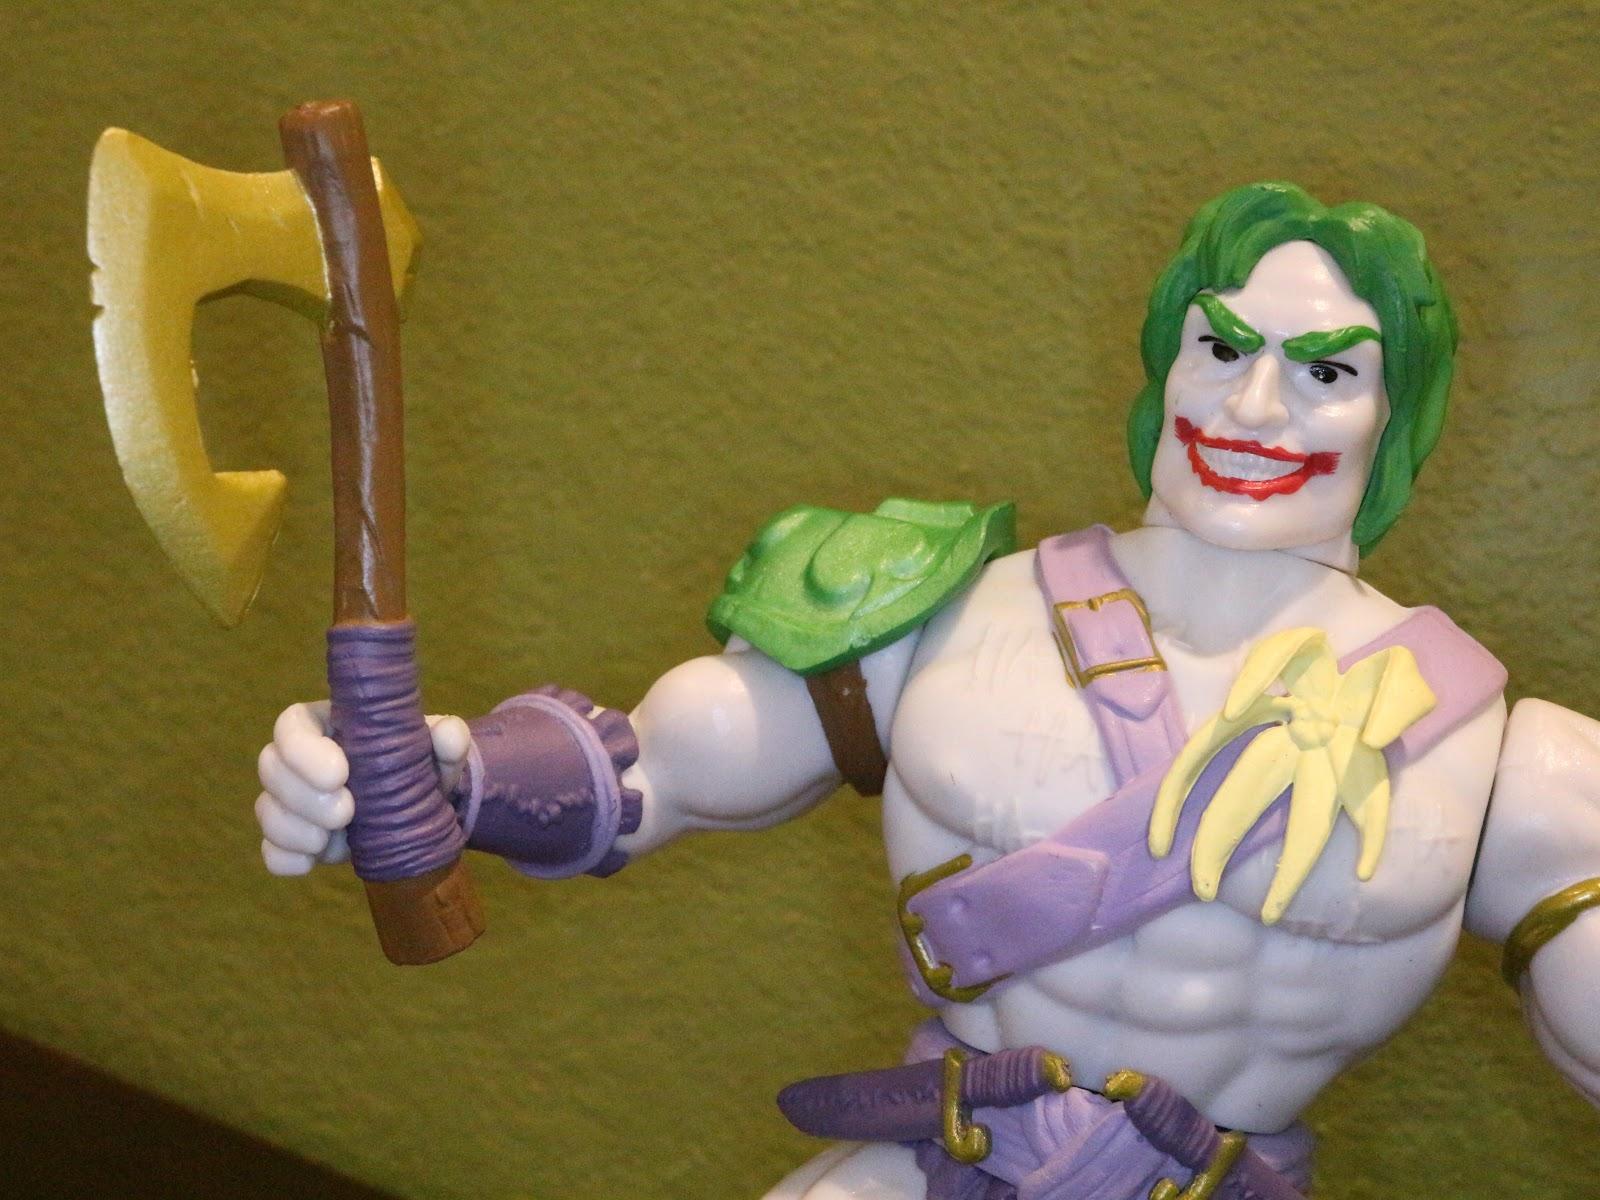 DC Primal Âge Le Joker Action Figure